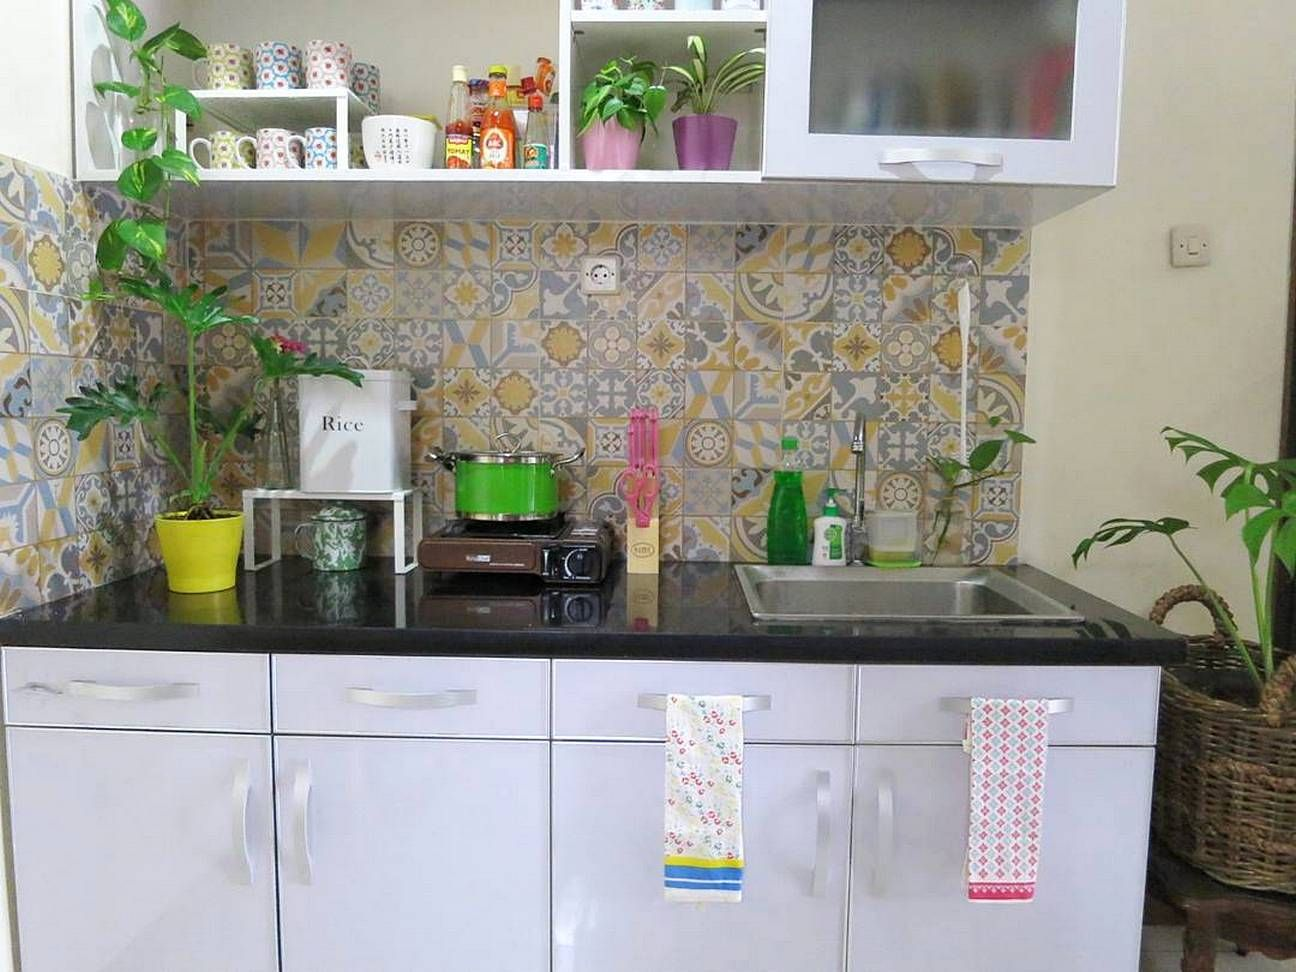 Warna keramik dapur cantik untuk keramik dinding dapur for Dapur kitchen set